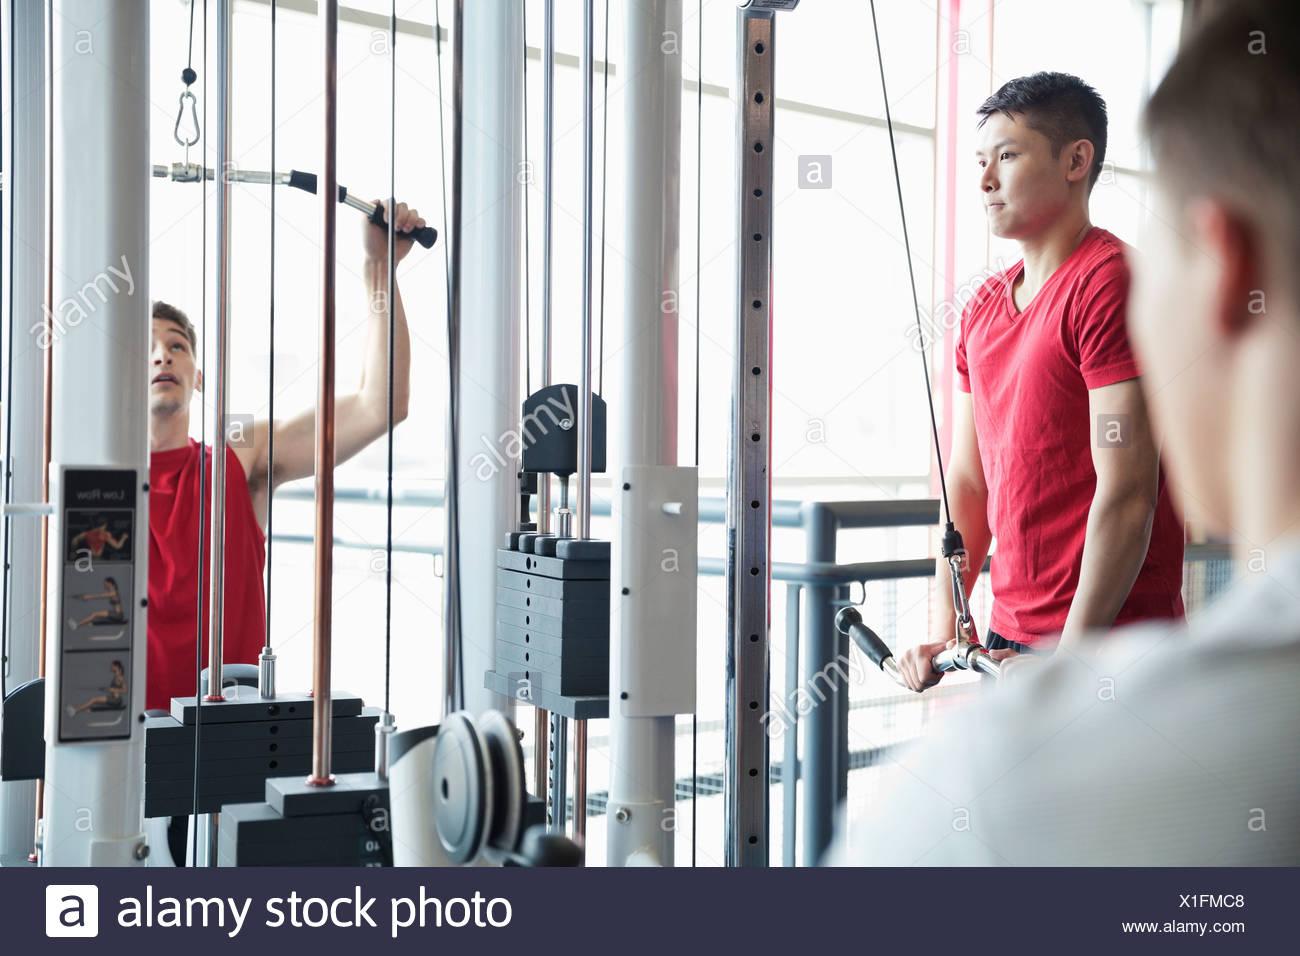 Les hommes à l'aide d'appareils de musculation en centre de remise en forme Photo Stock